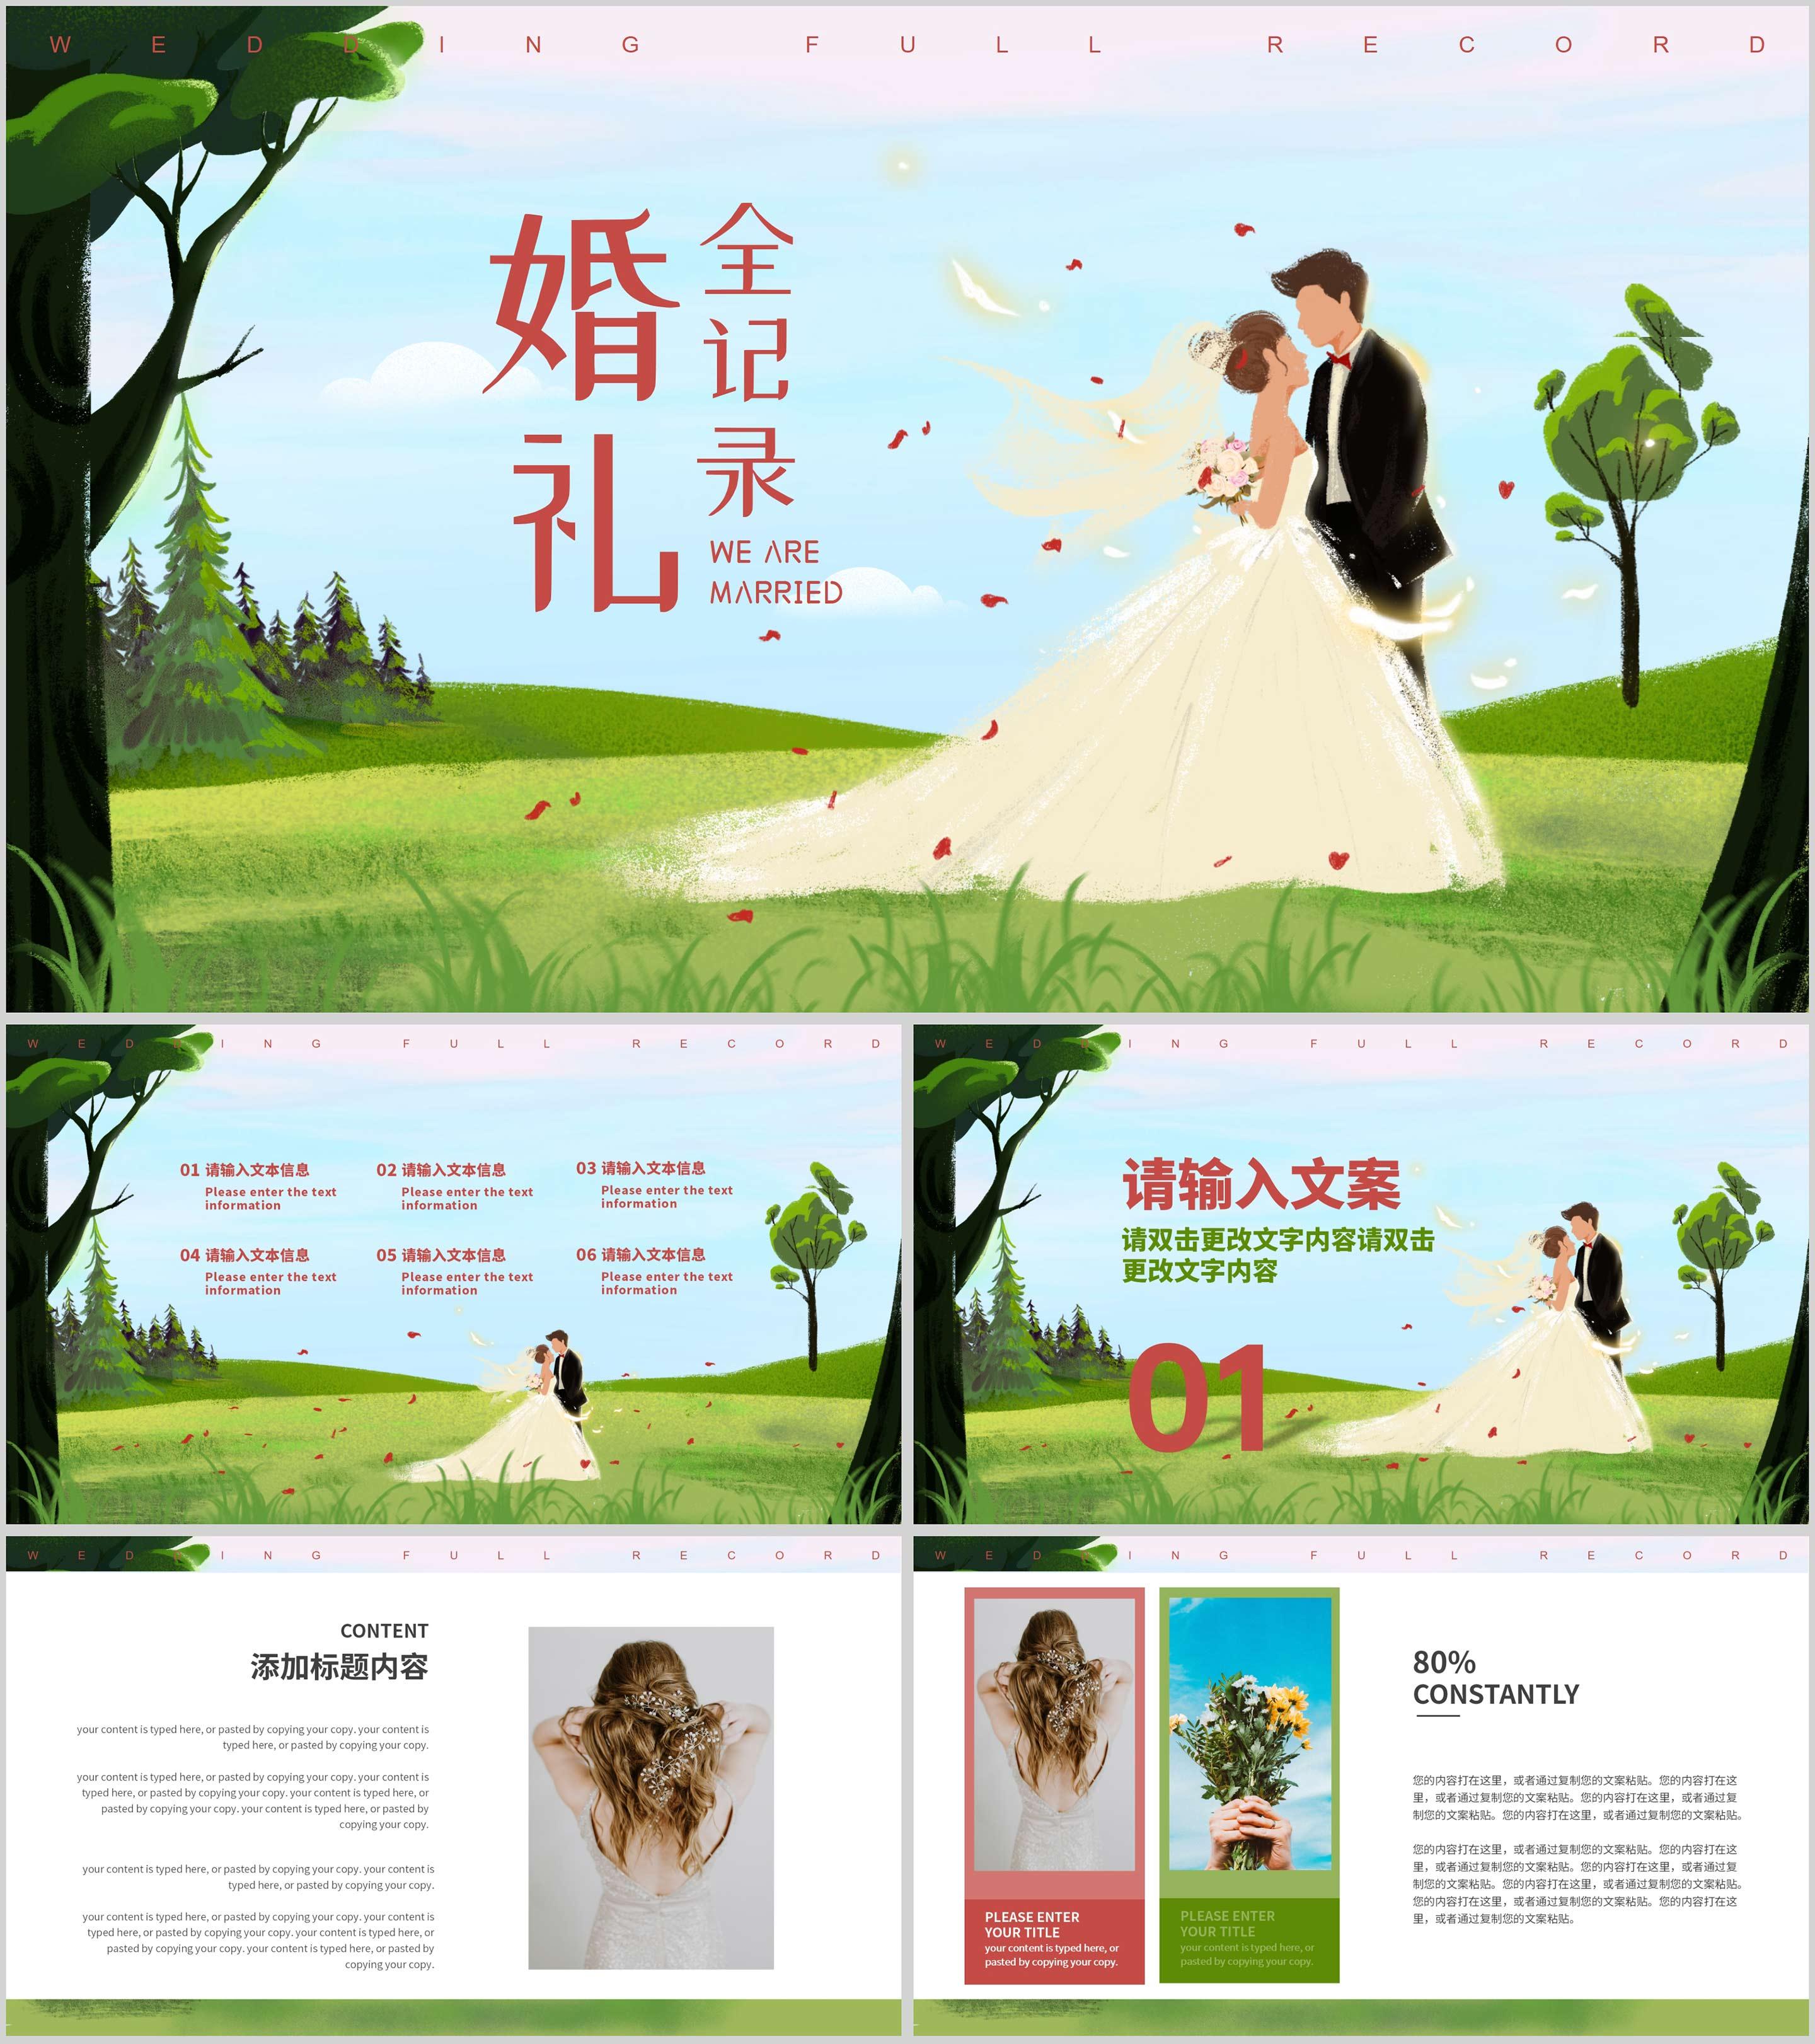 绿色浪漫婚礼全纪录PPT模板